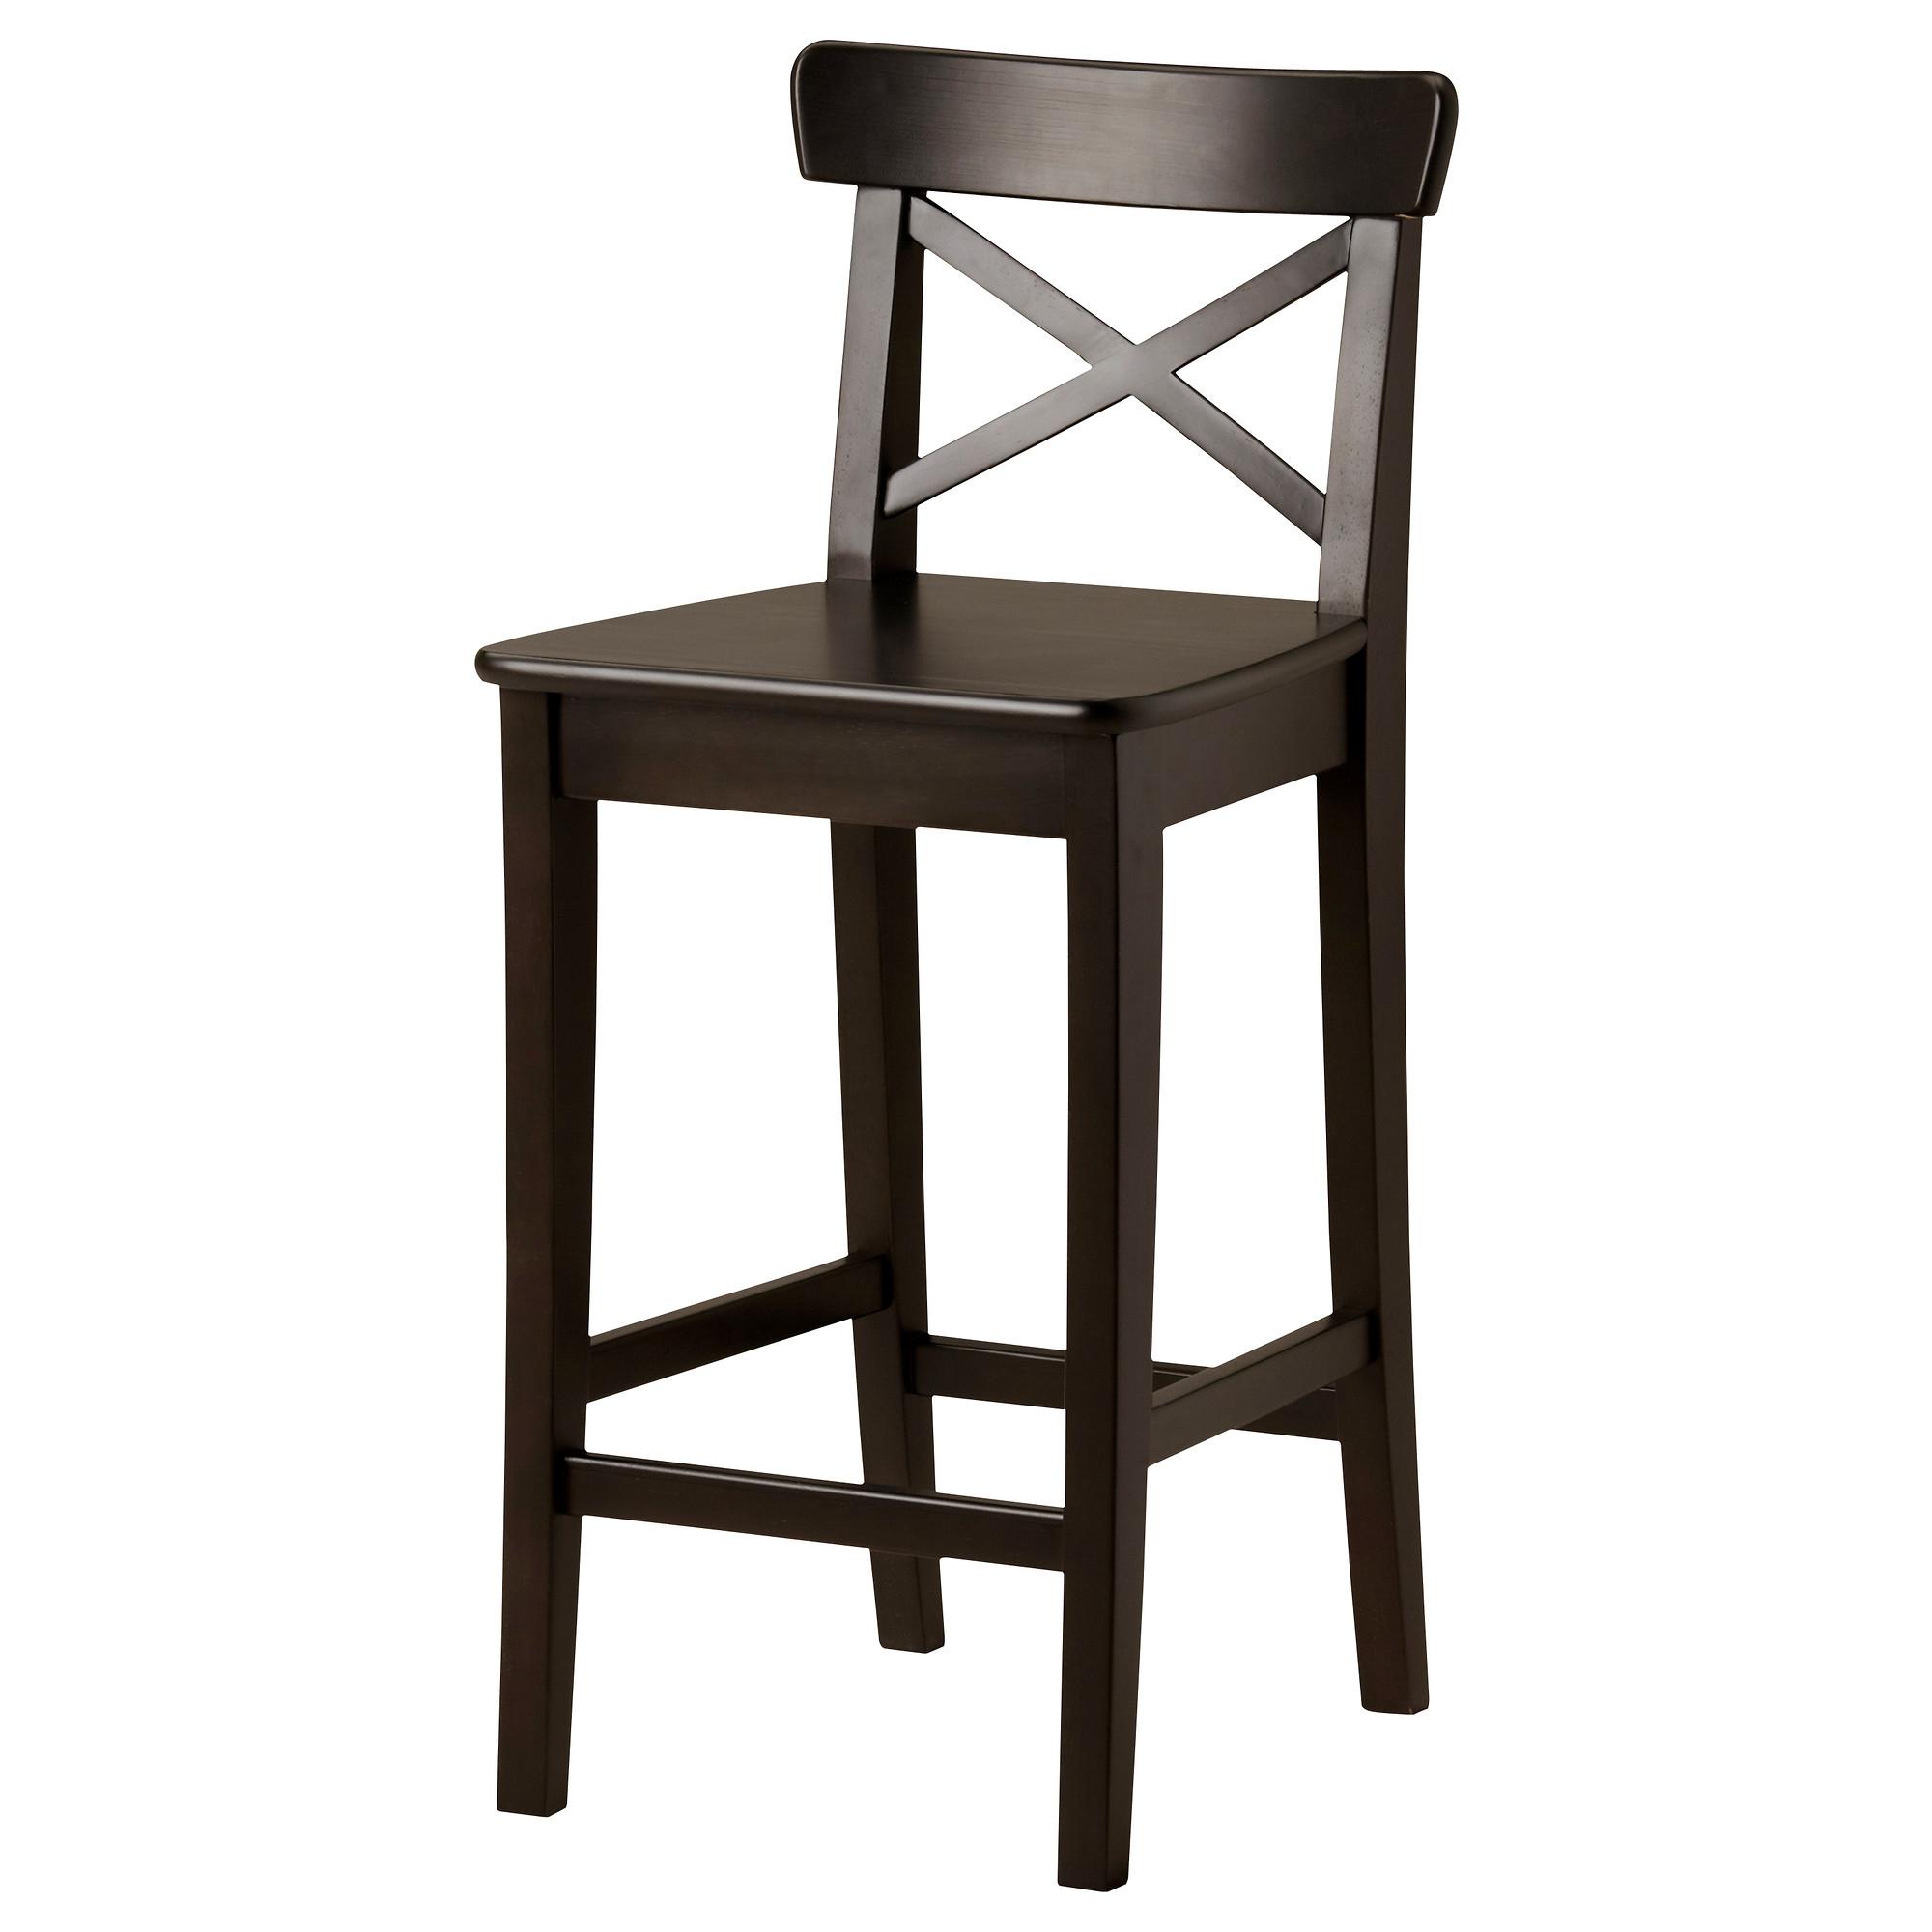 kitchen-chairs-ikea-photo-15